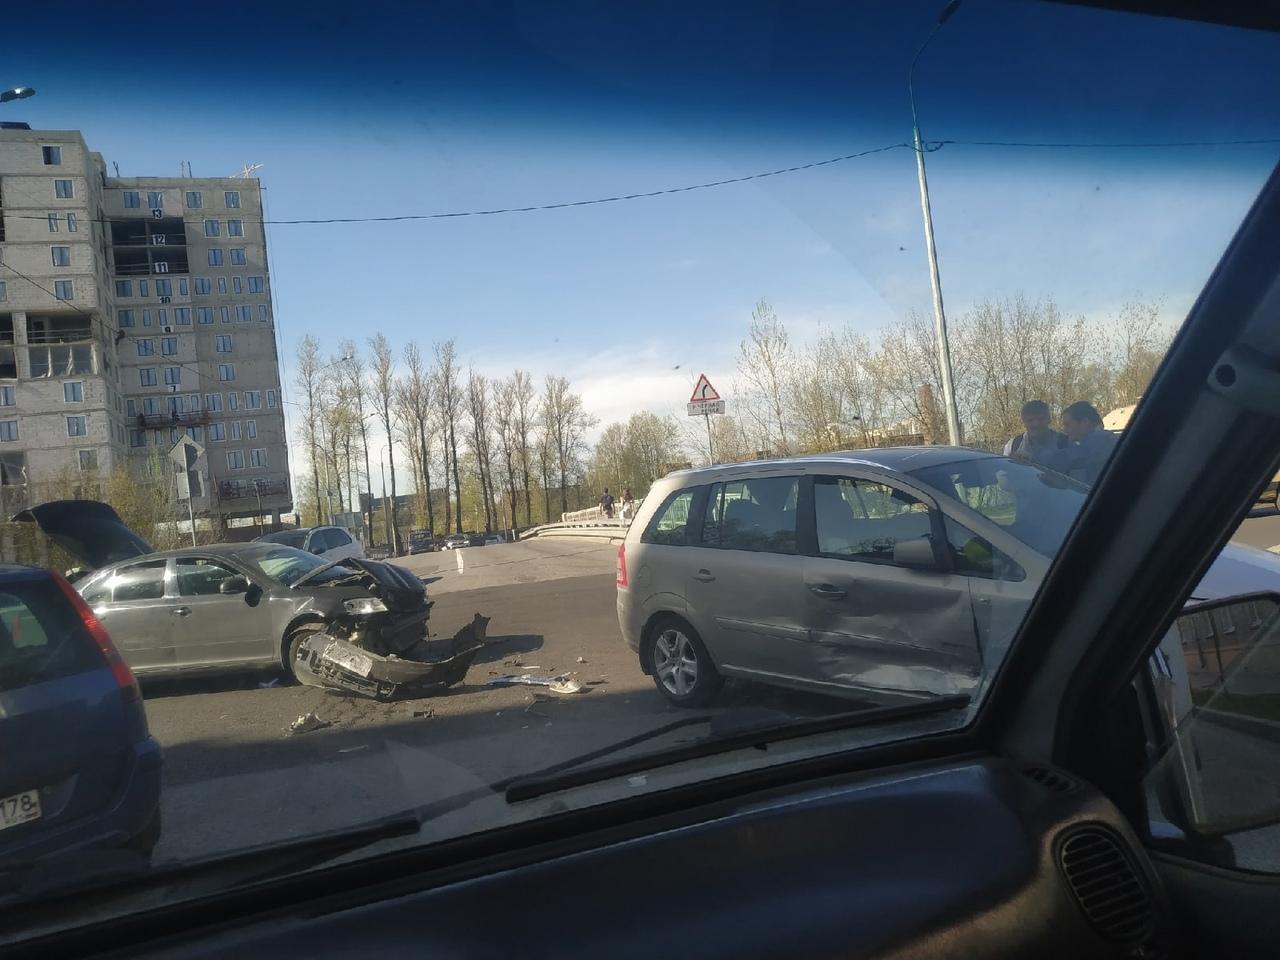 Ford и Skoda столкнулись на пересечении набережной Чёрной речки и Матроса Железняка. Главная дорога...